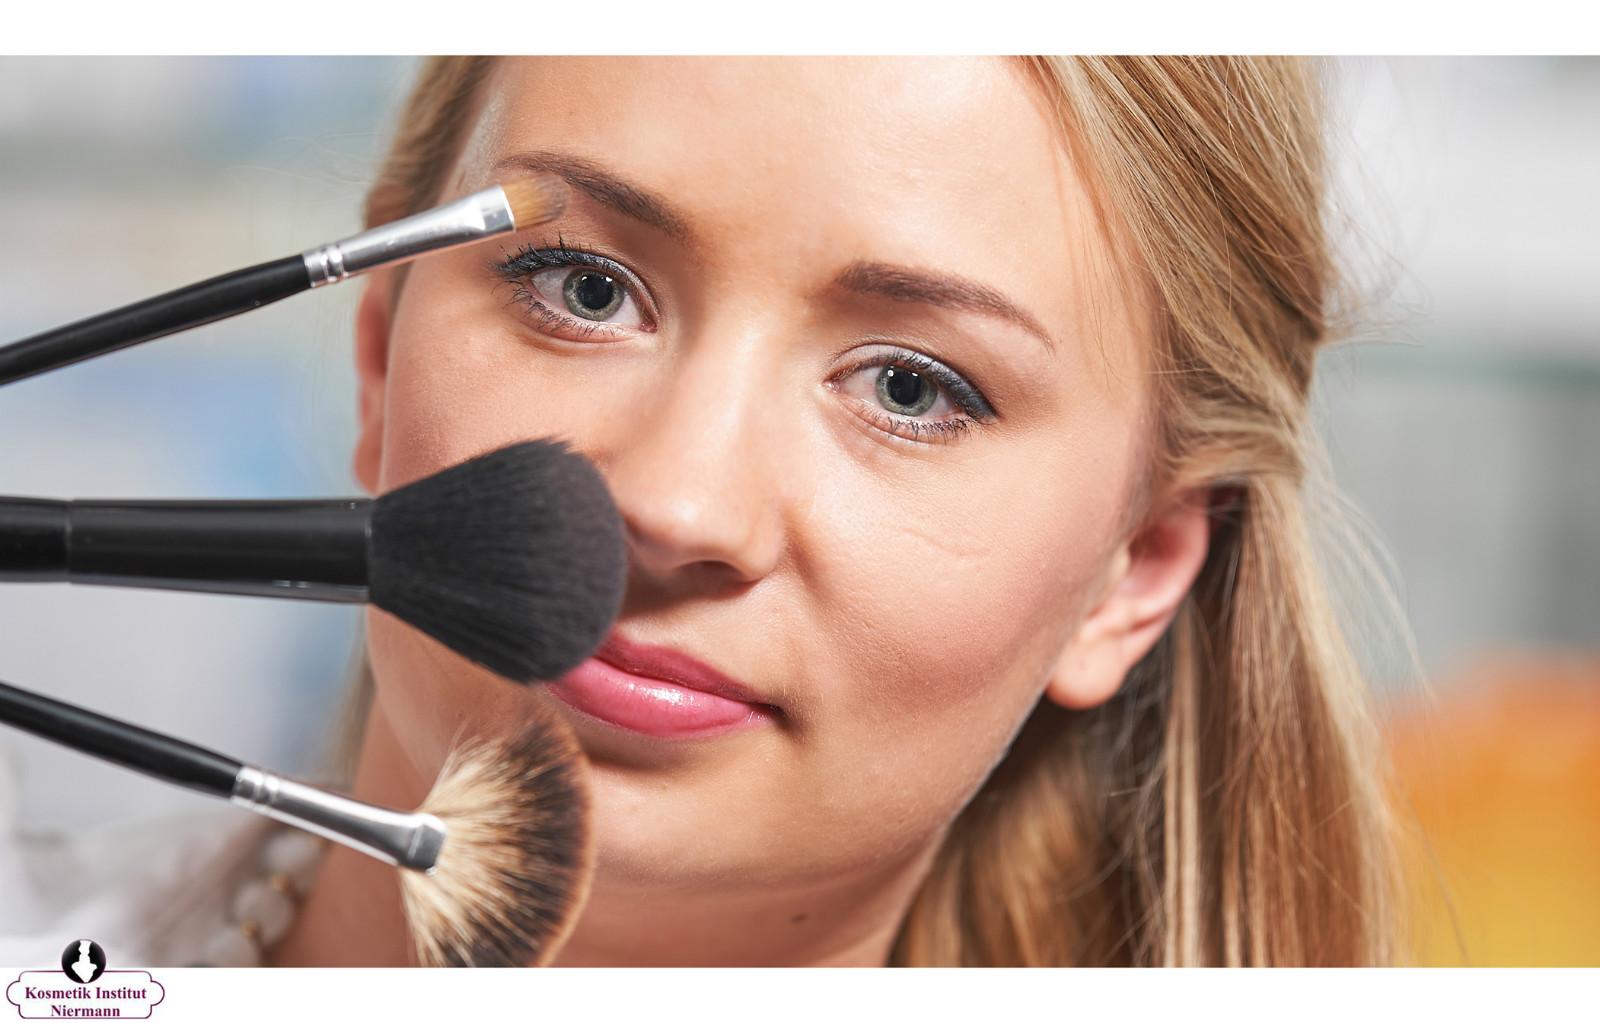 kosmetik-institut-niermann-37-2-kopie